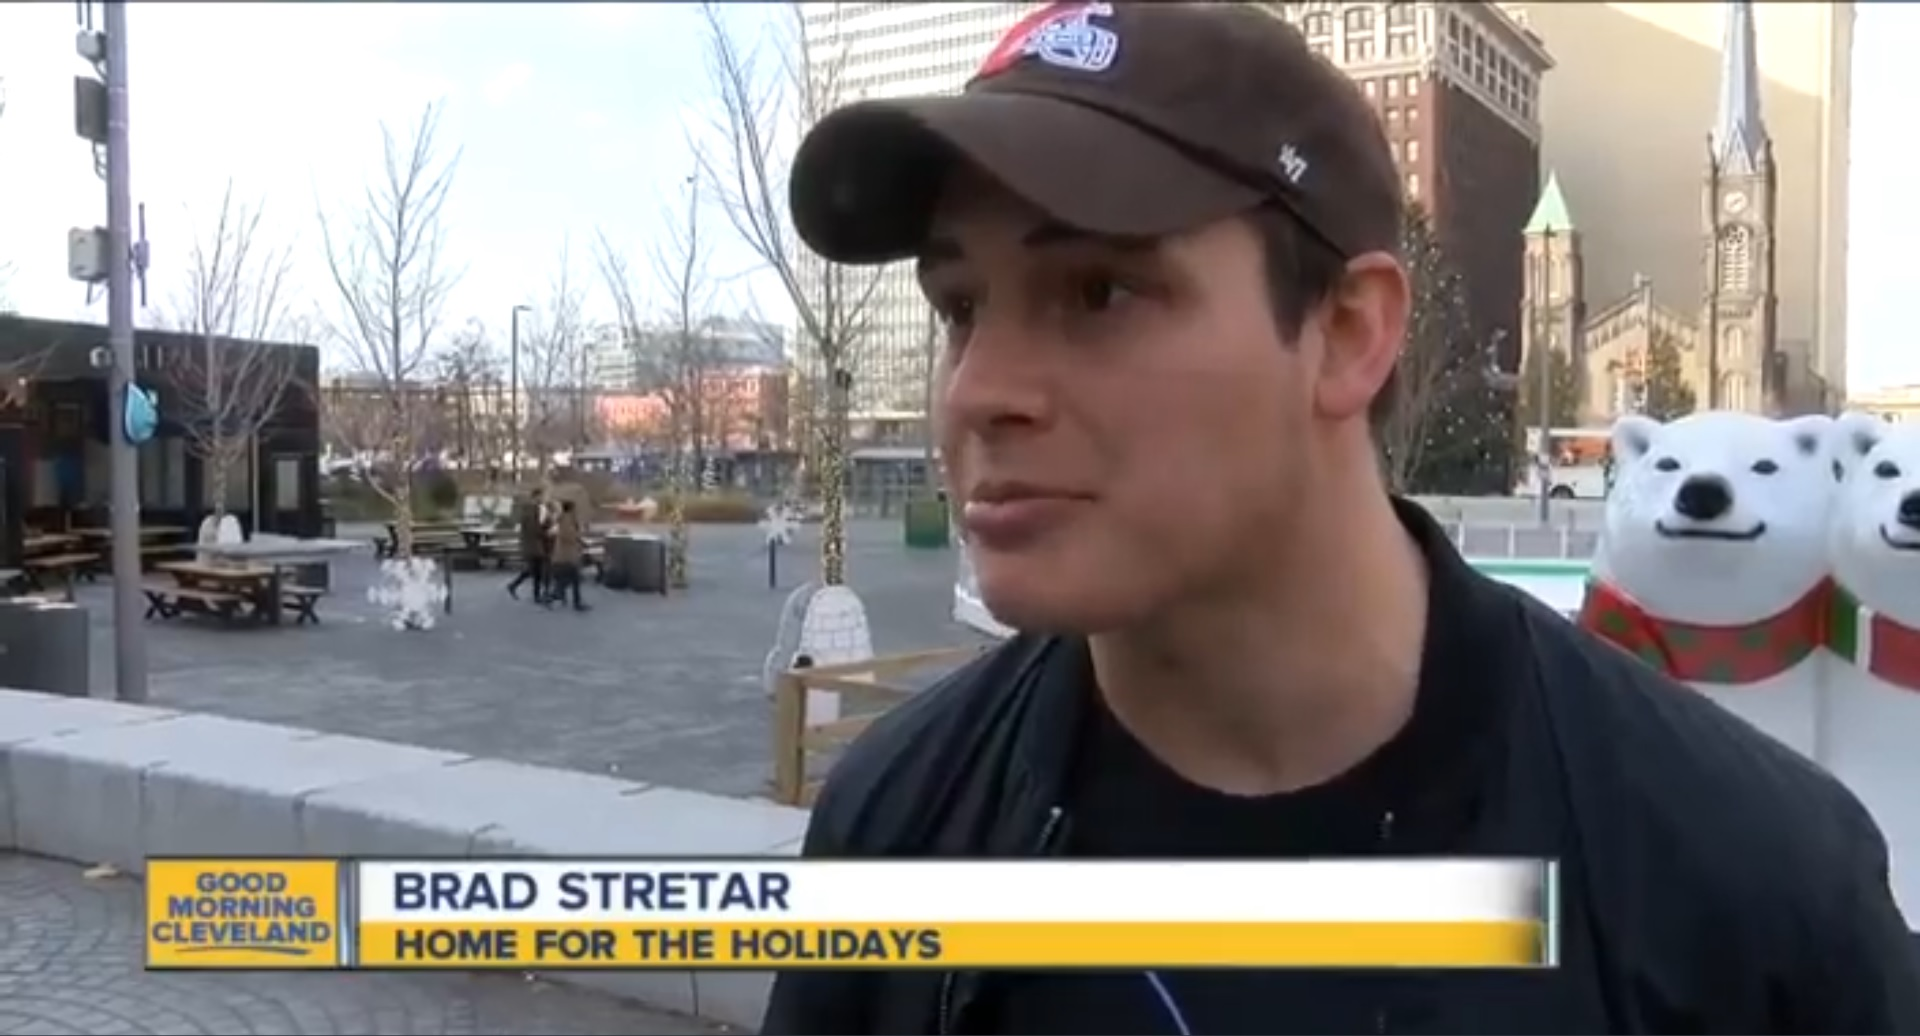 Brad Stretar: Home For The Holidays